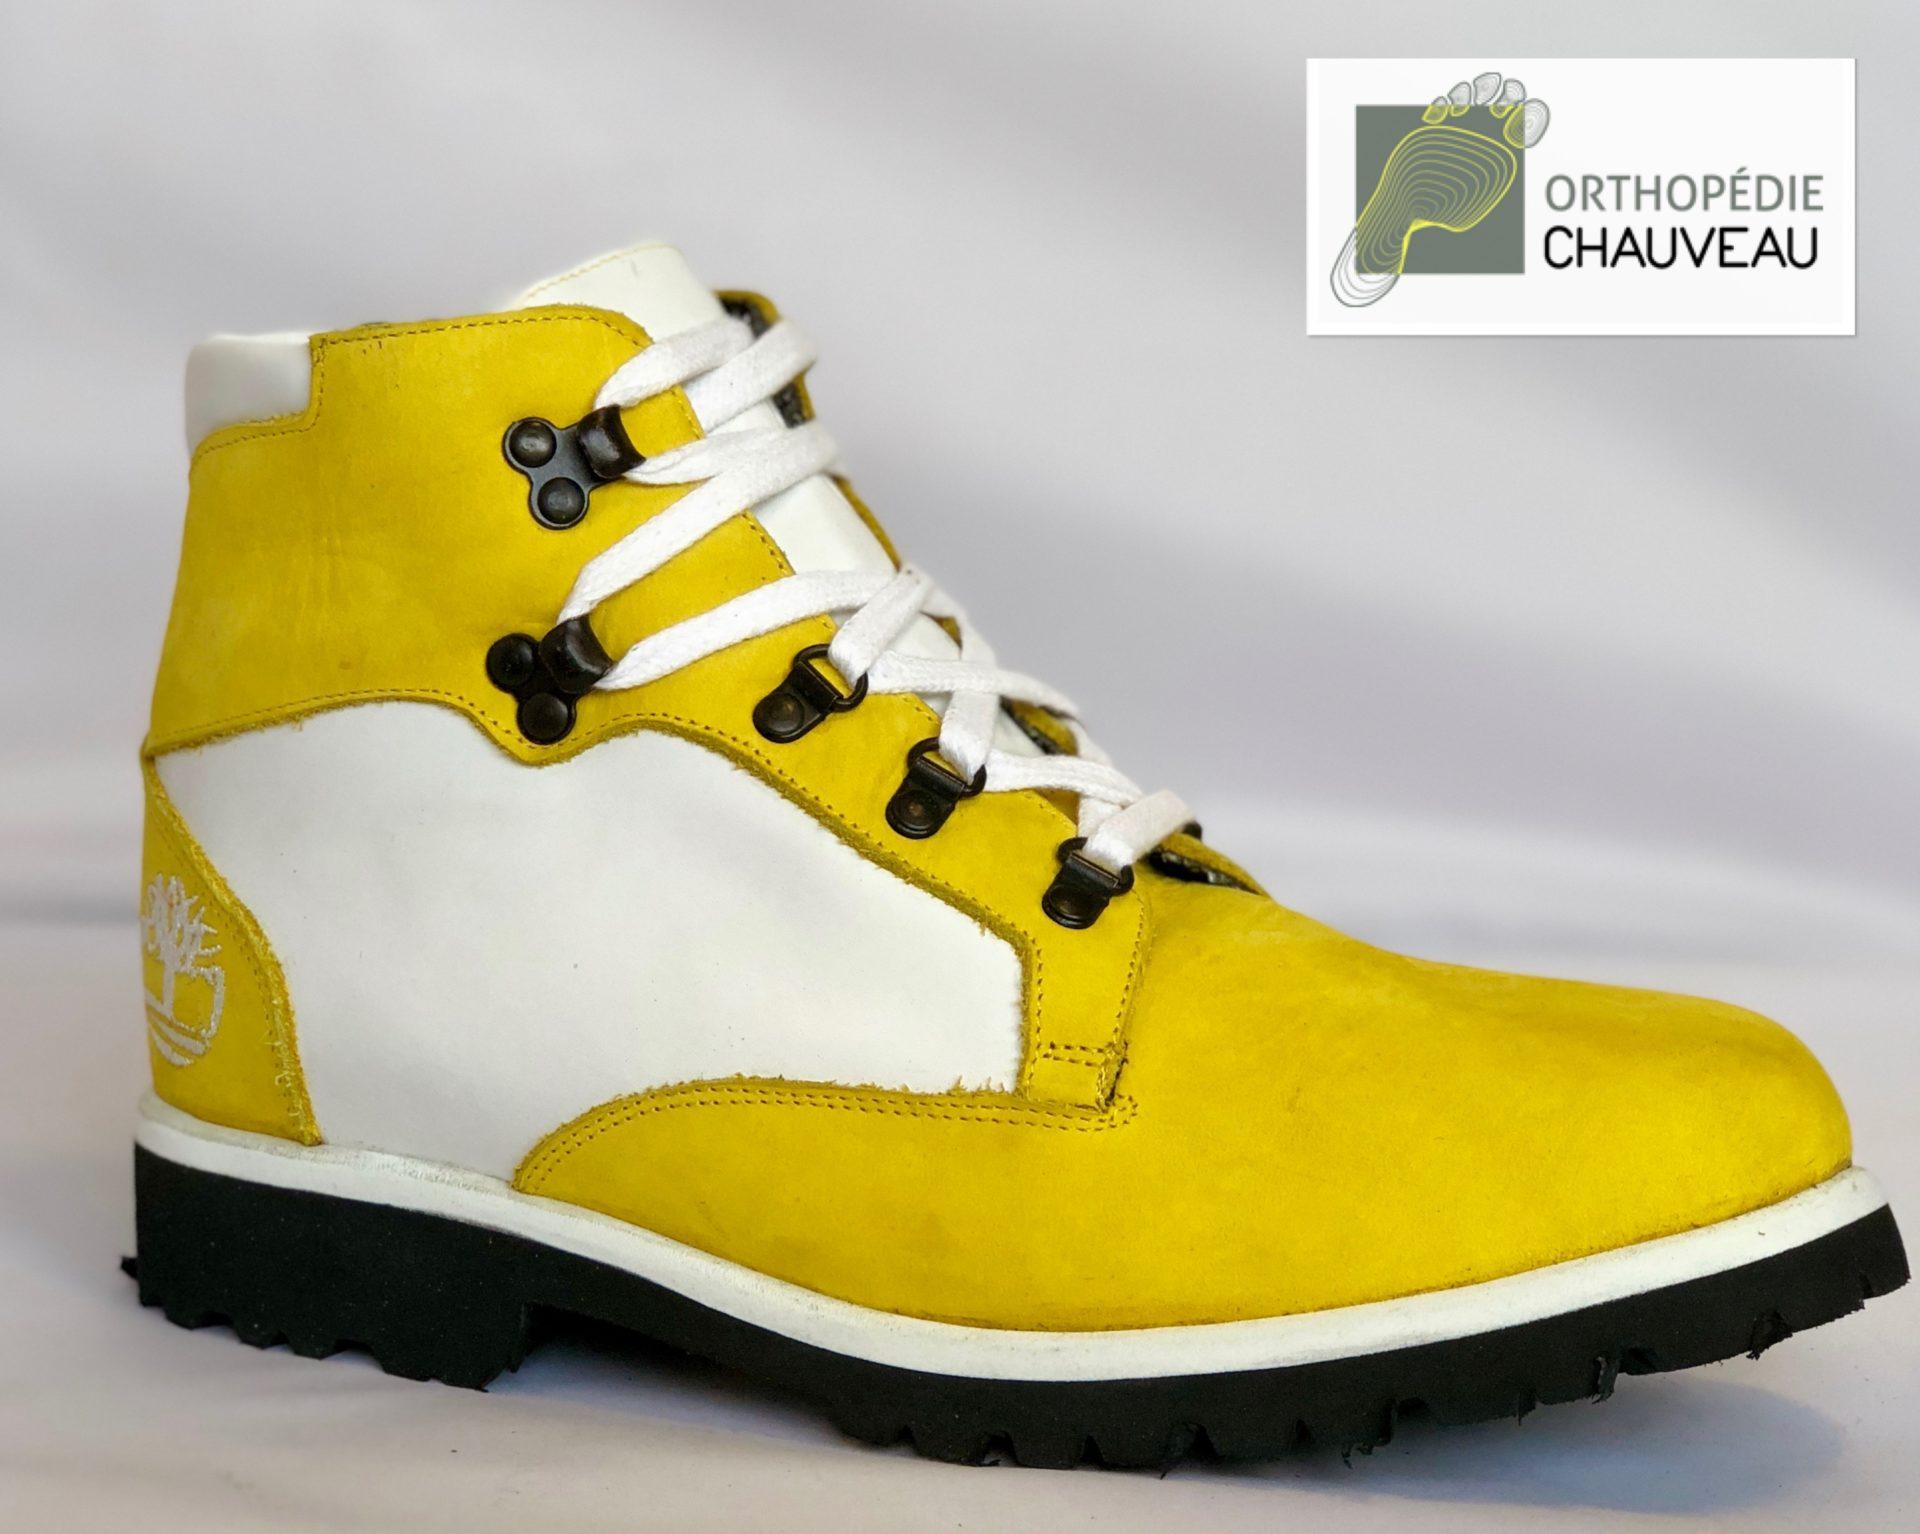 chaussures orthopédiques rennes cuir